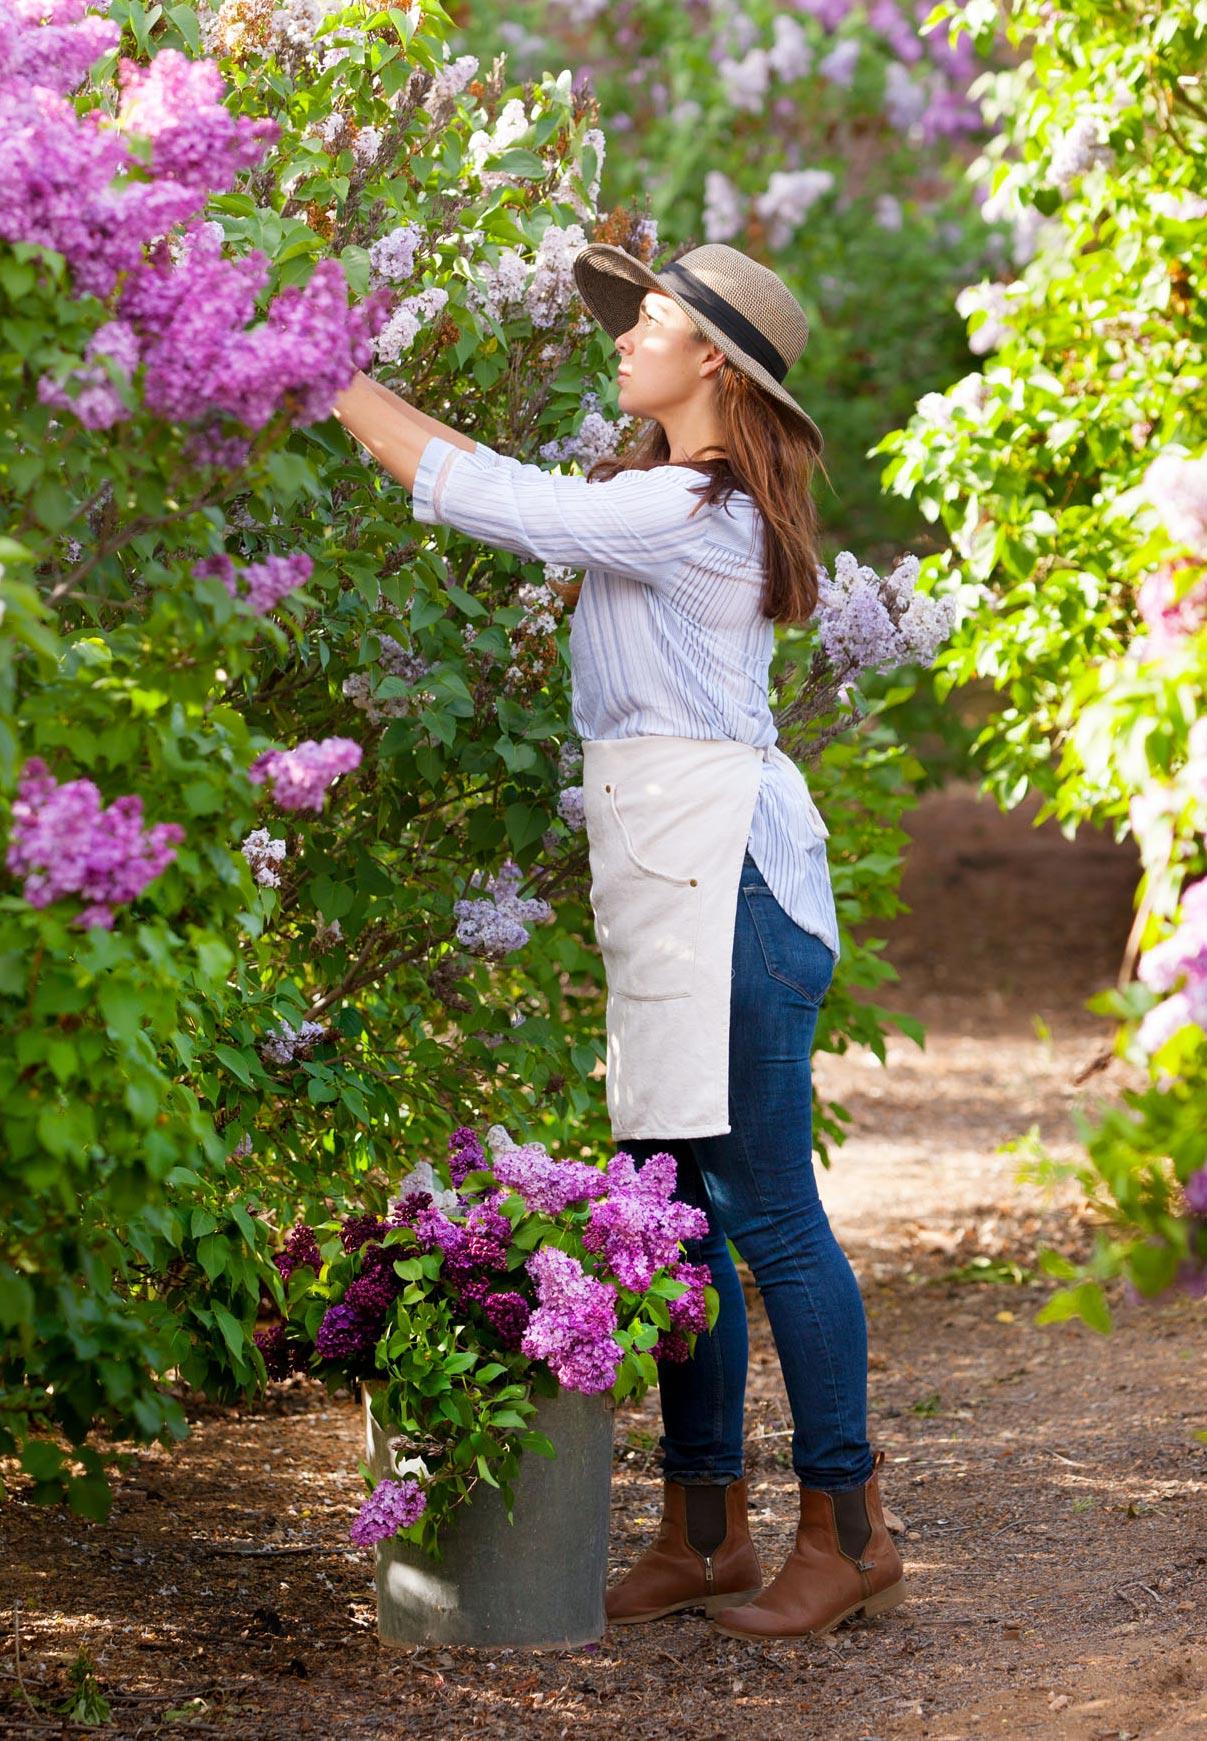 Lilac cutting